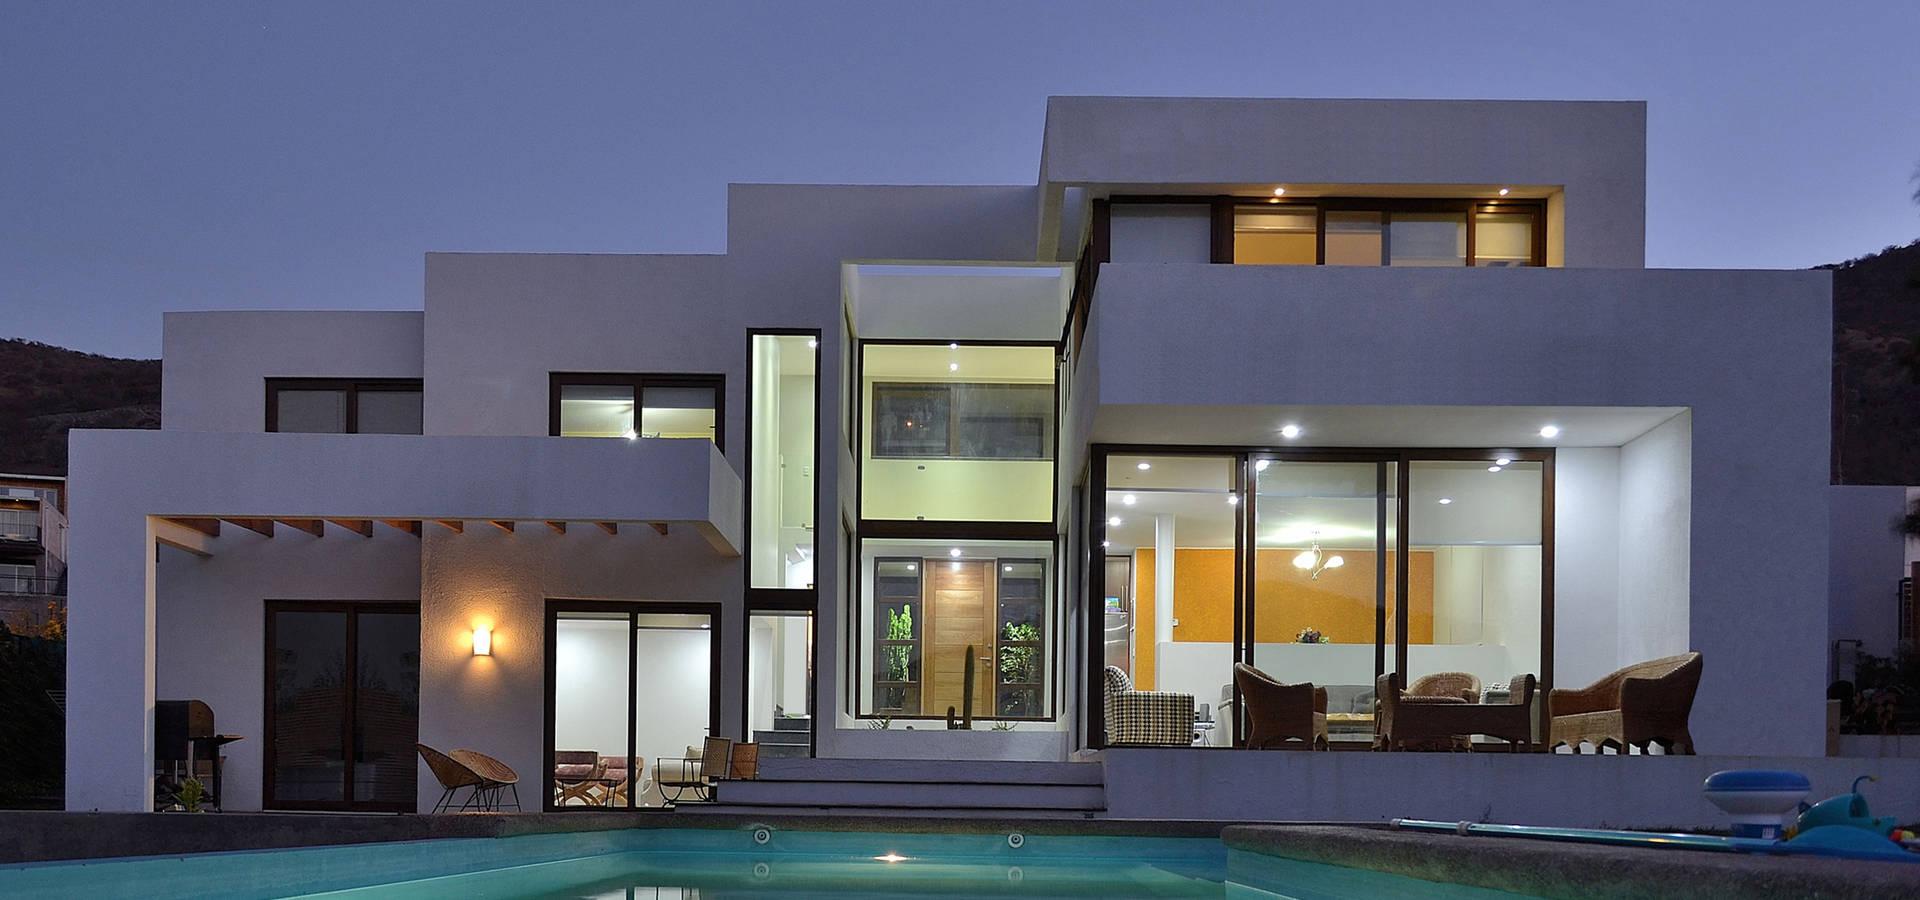 Casa moderna 1 par marcelo roura arquitectos homify - Maison s par domenack arquitectos ...